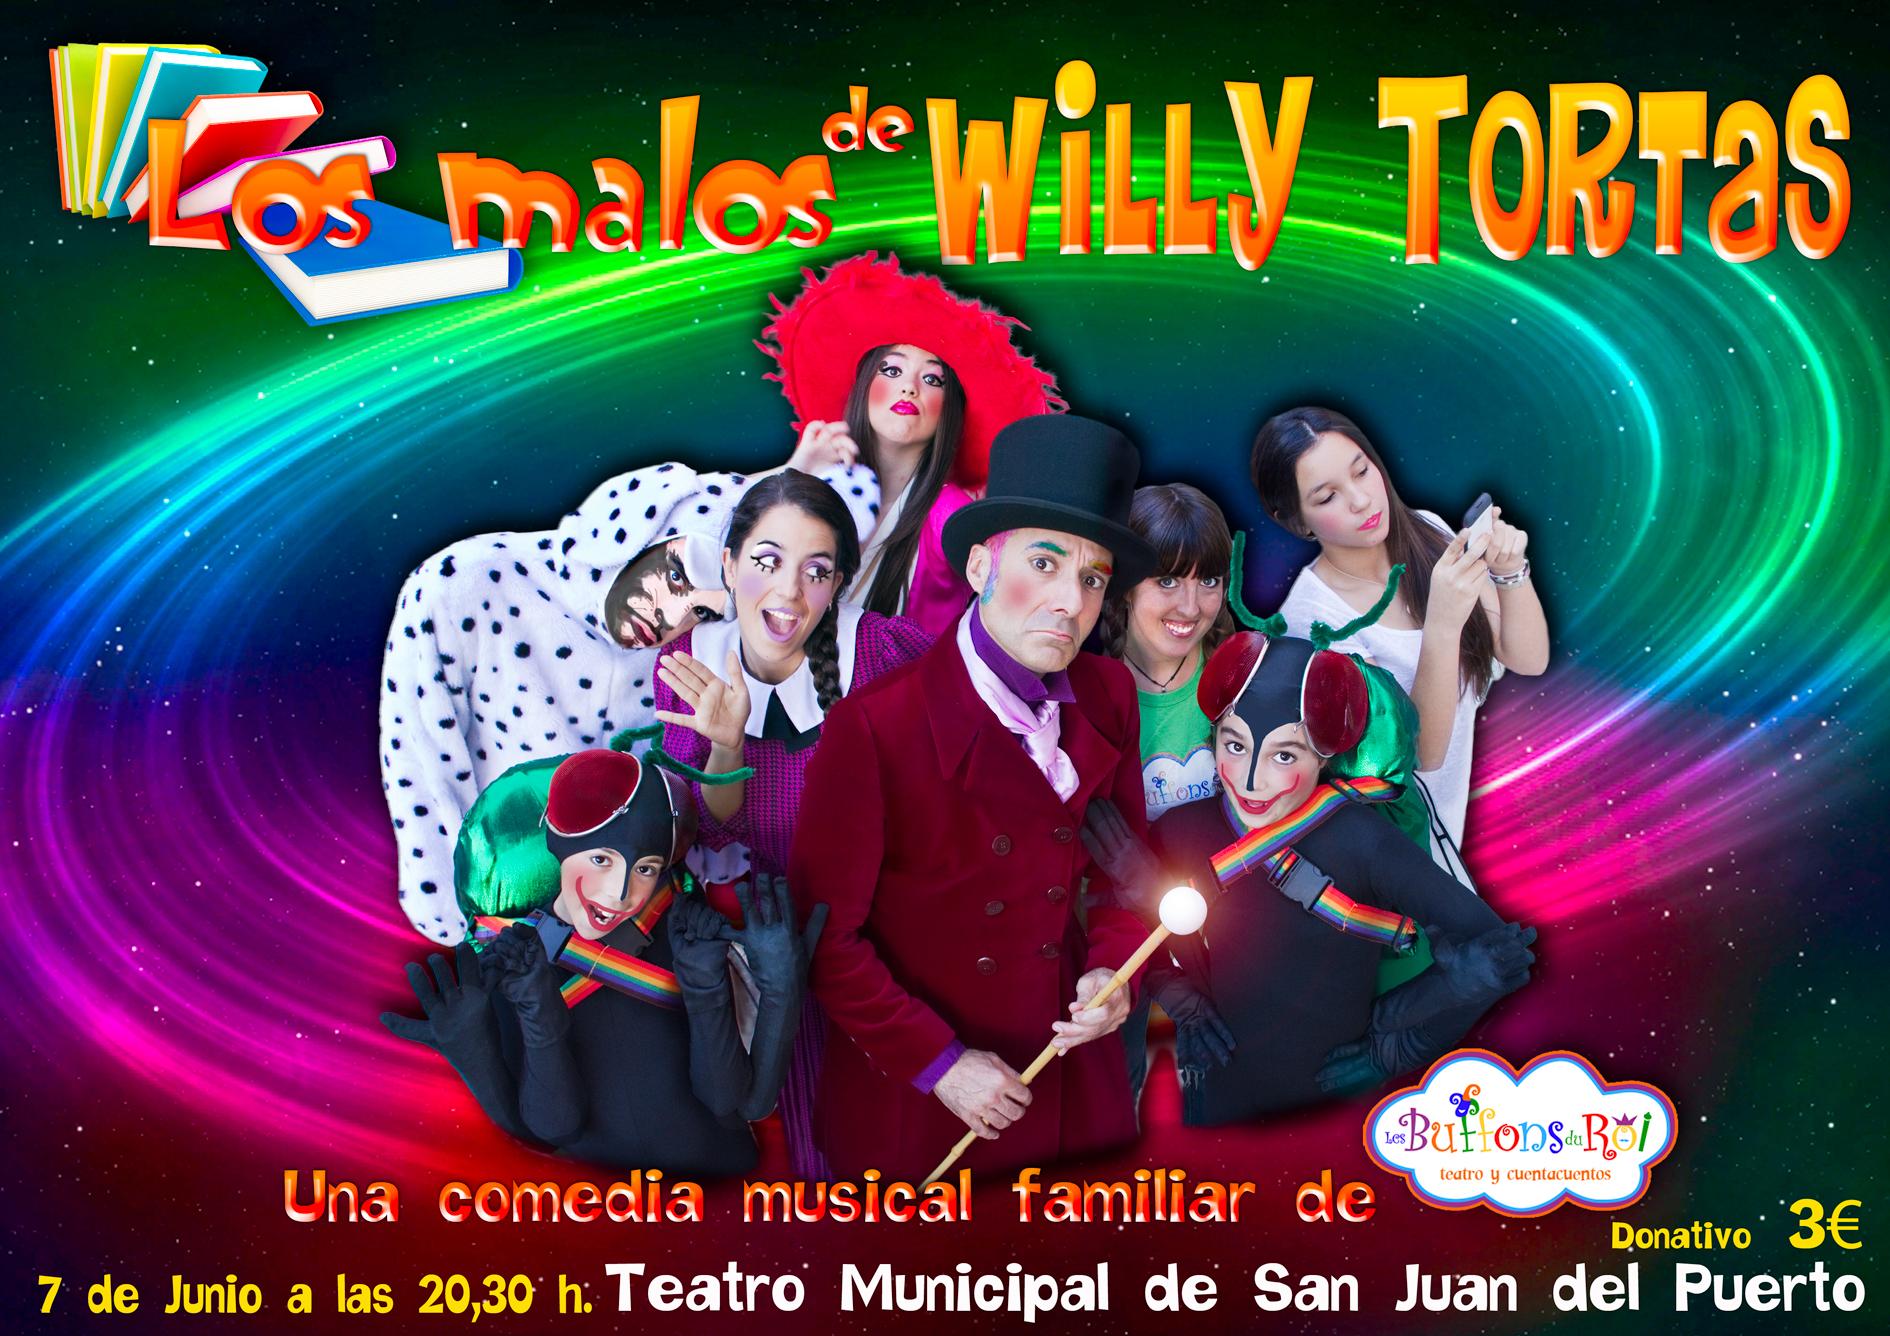 Cartel del espectáculo que podrá verse en San Juan del Puerto.